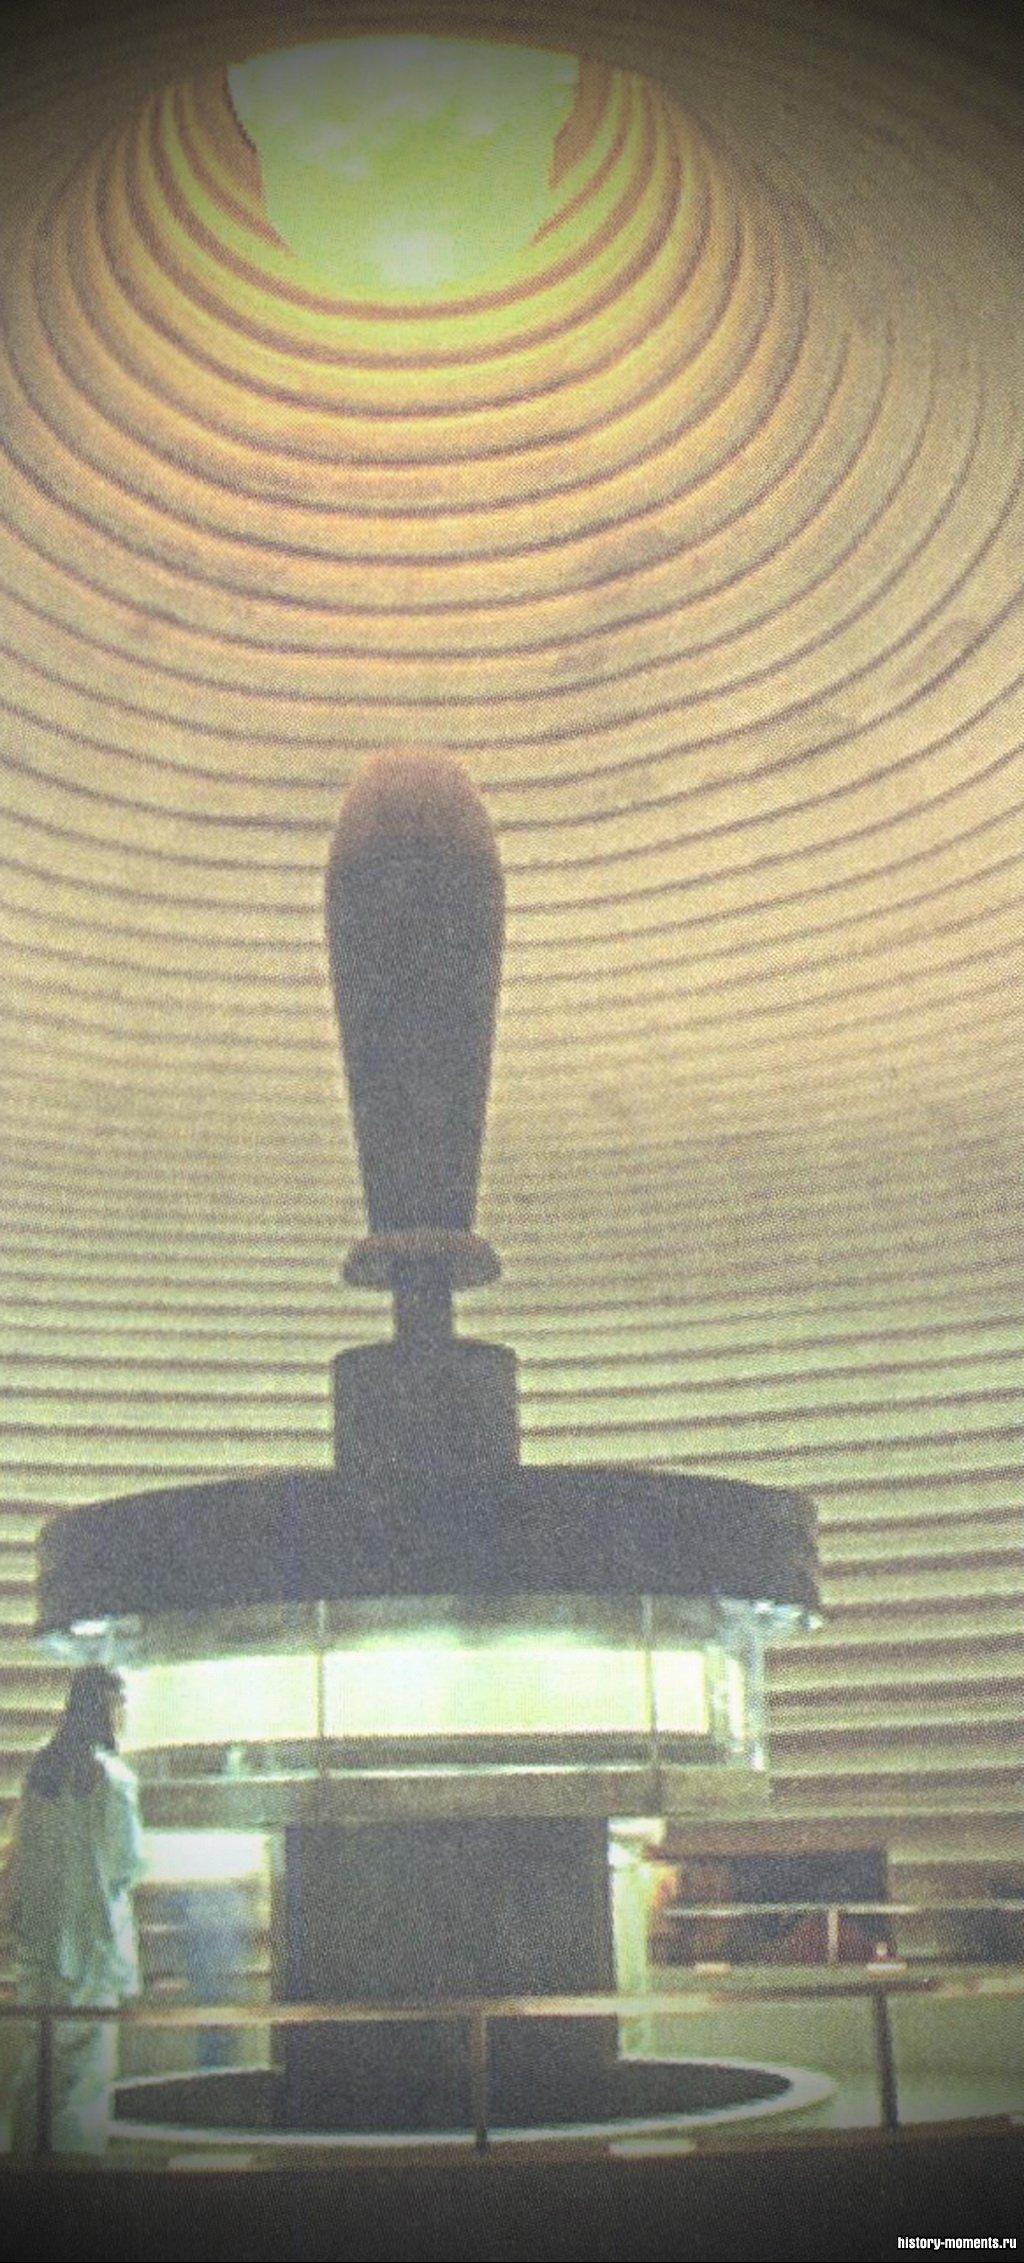 Свитки Мертвого моря - рукописные копии книг Ветхого Завета, сделанные 2000 лет назад, - были случайно обнаружены в 1947 г. Сейчас они выставлены в музеях Израиля и Иордании.